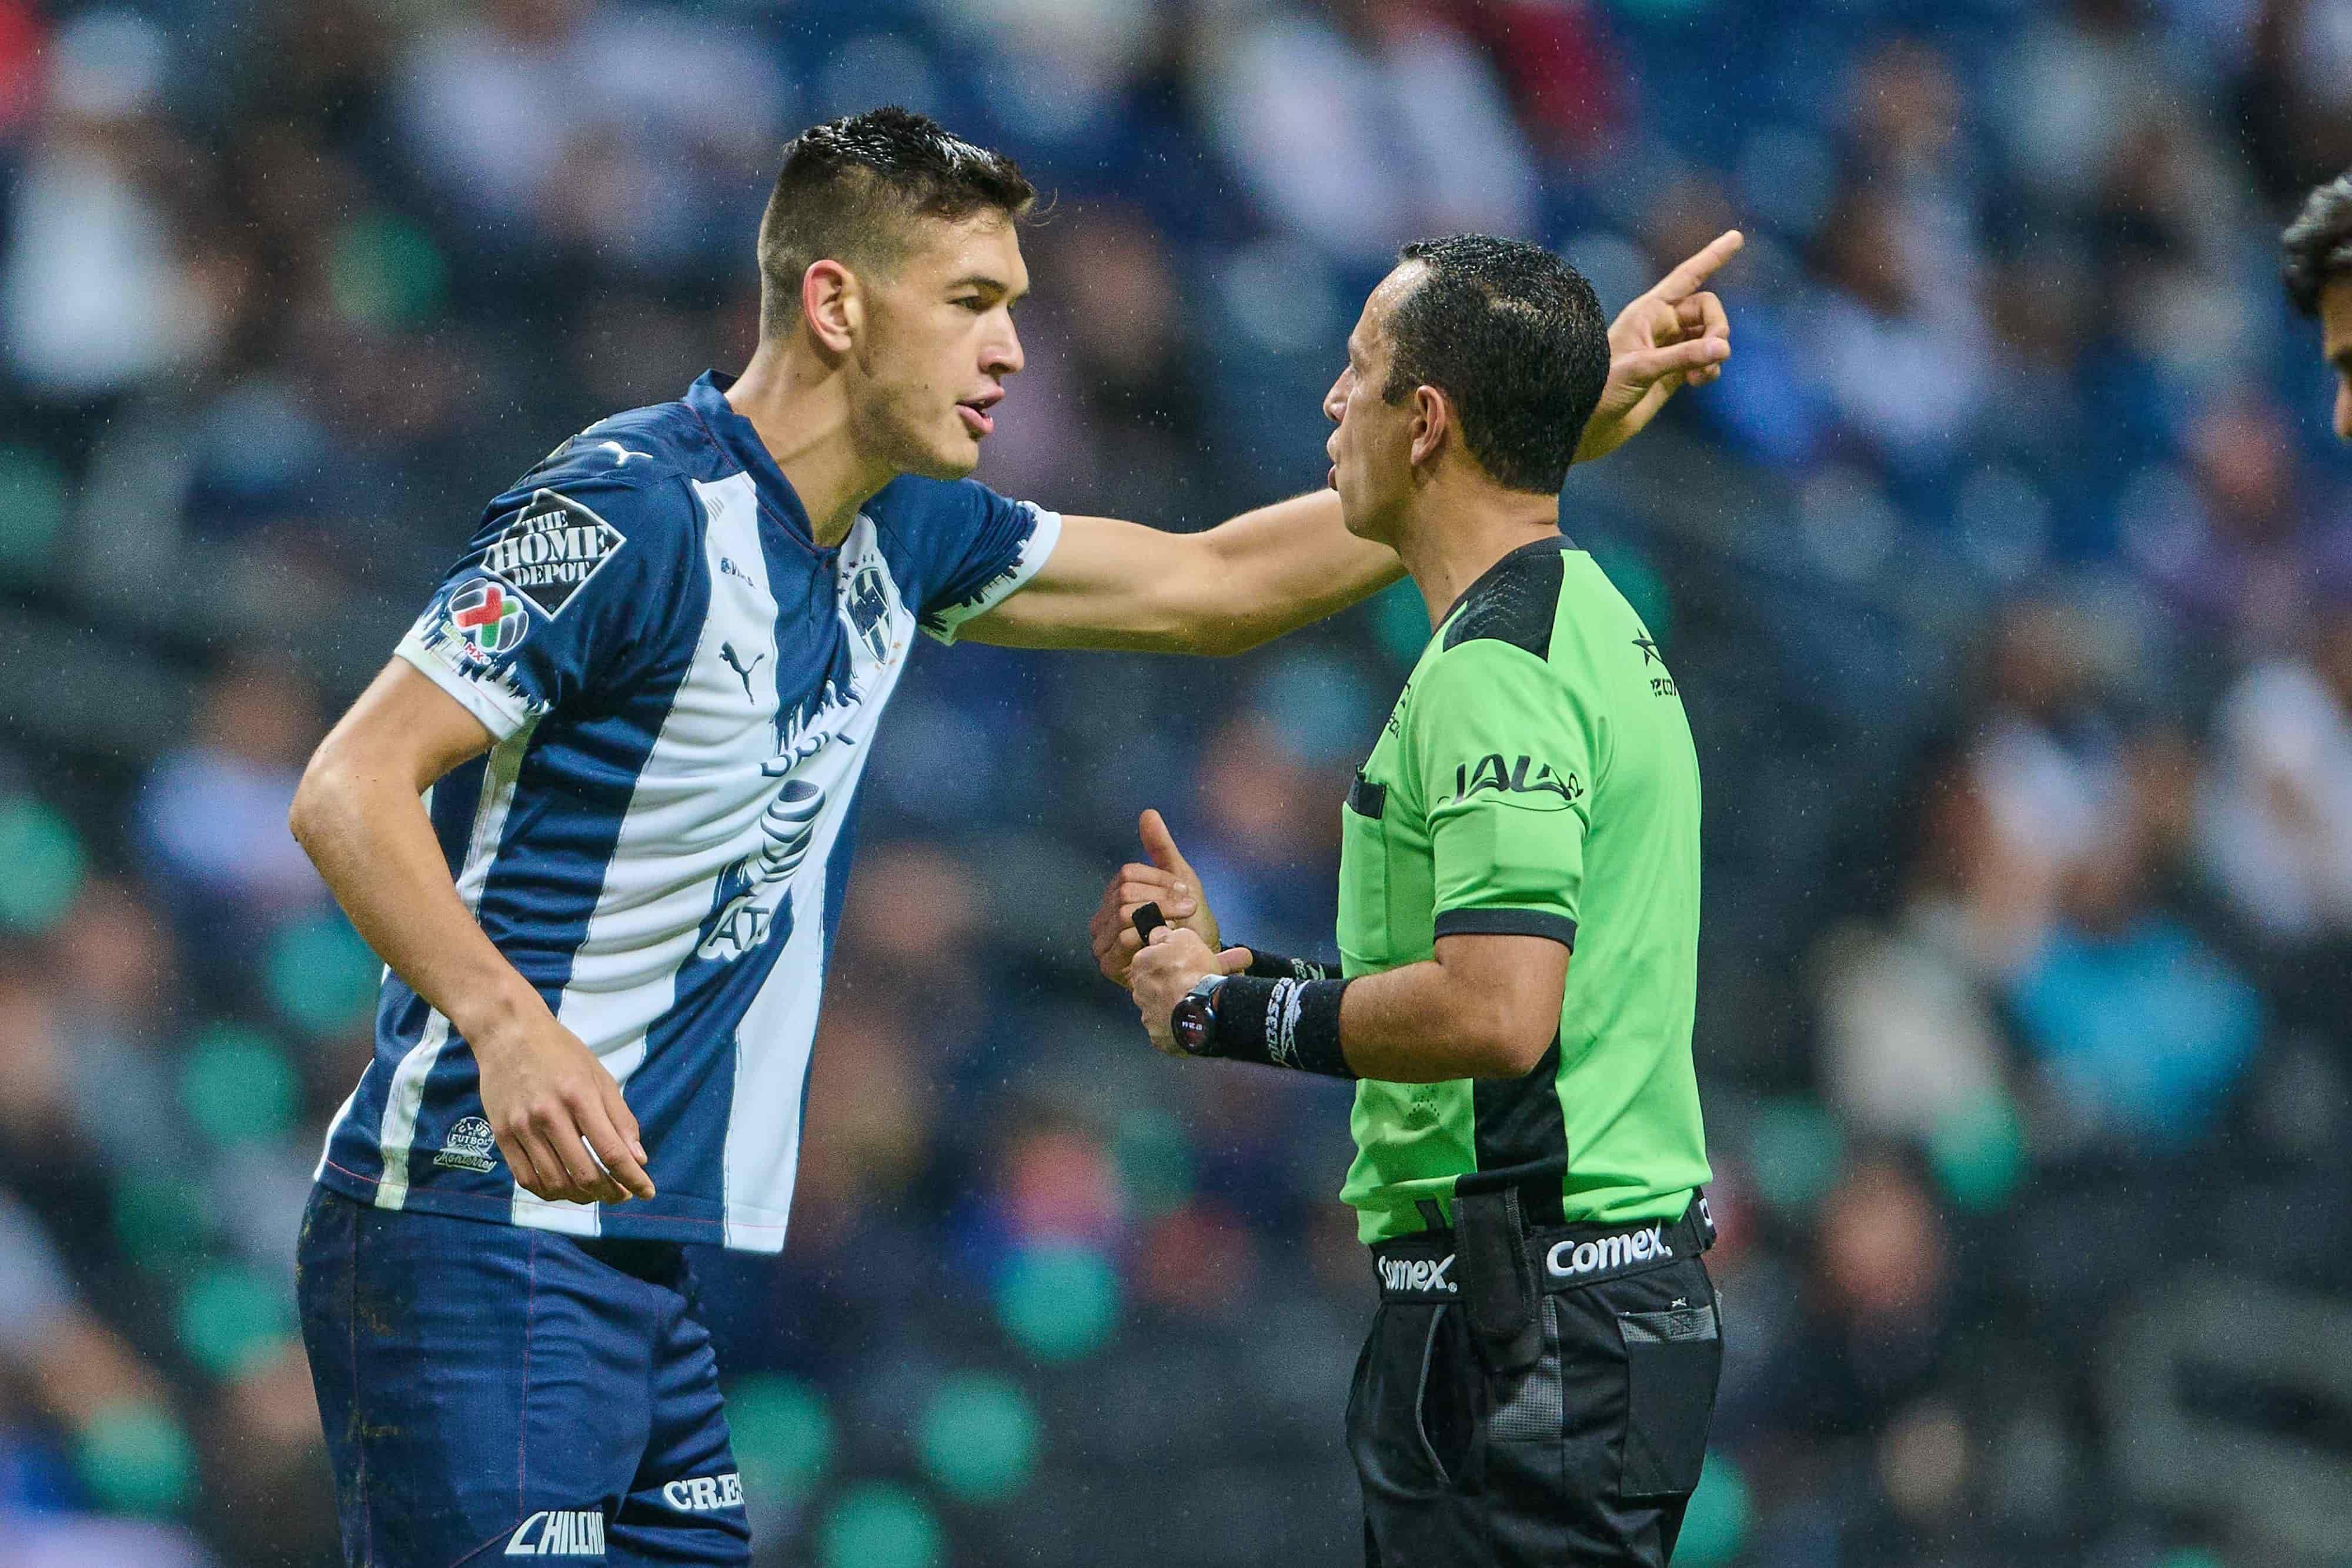 Pierde Monterrey 1-2 contra Chivas